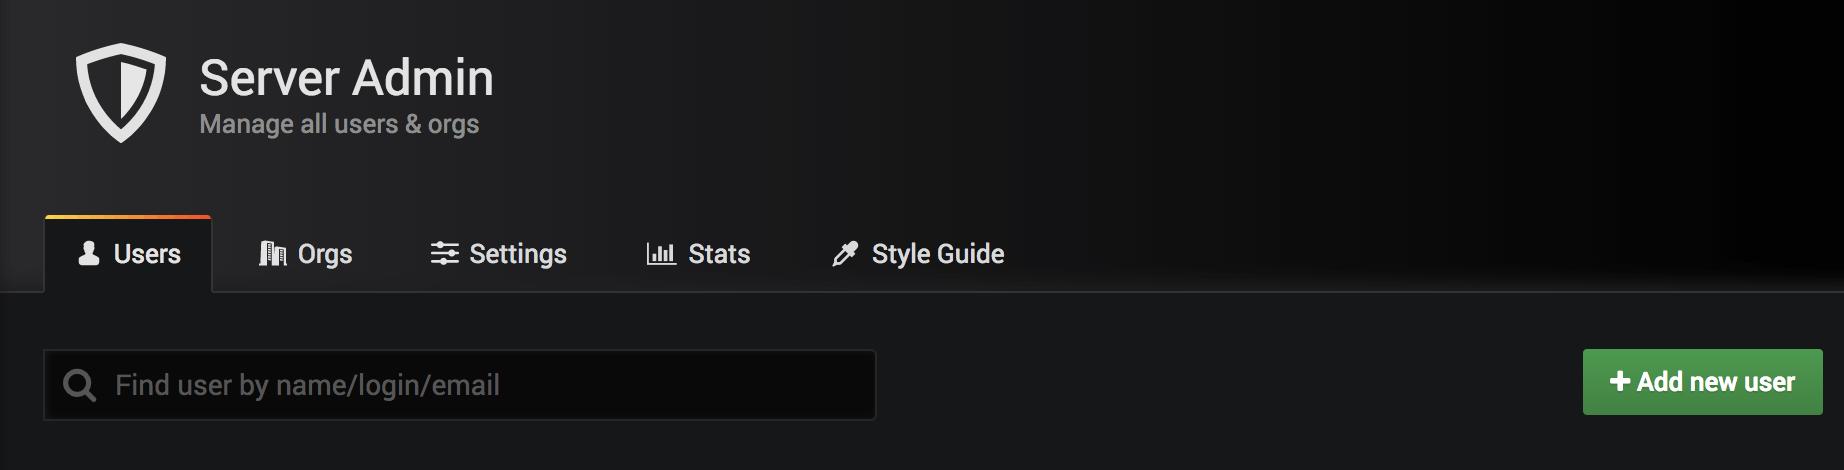 New User 2